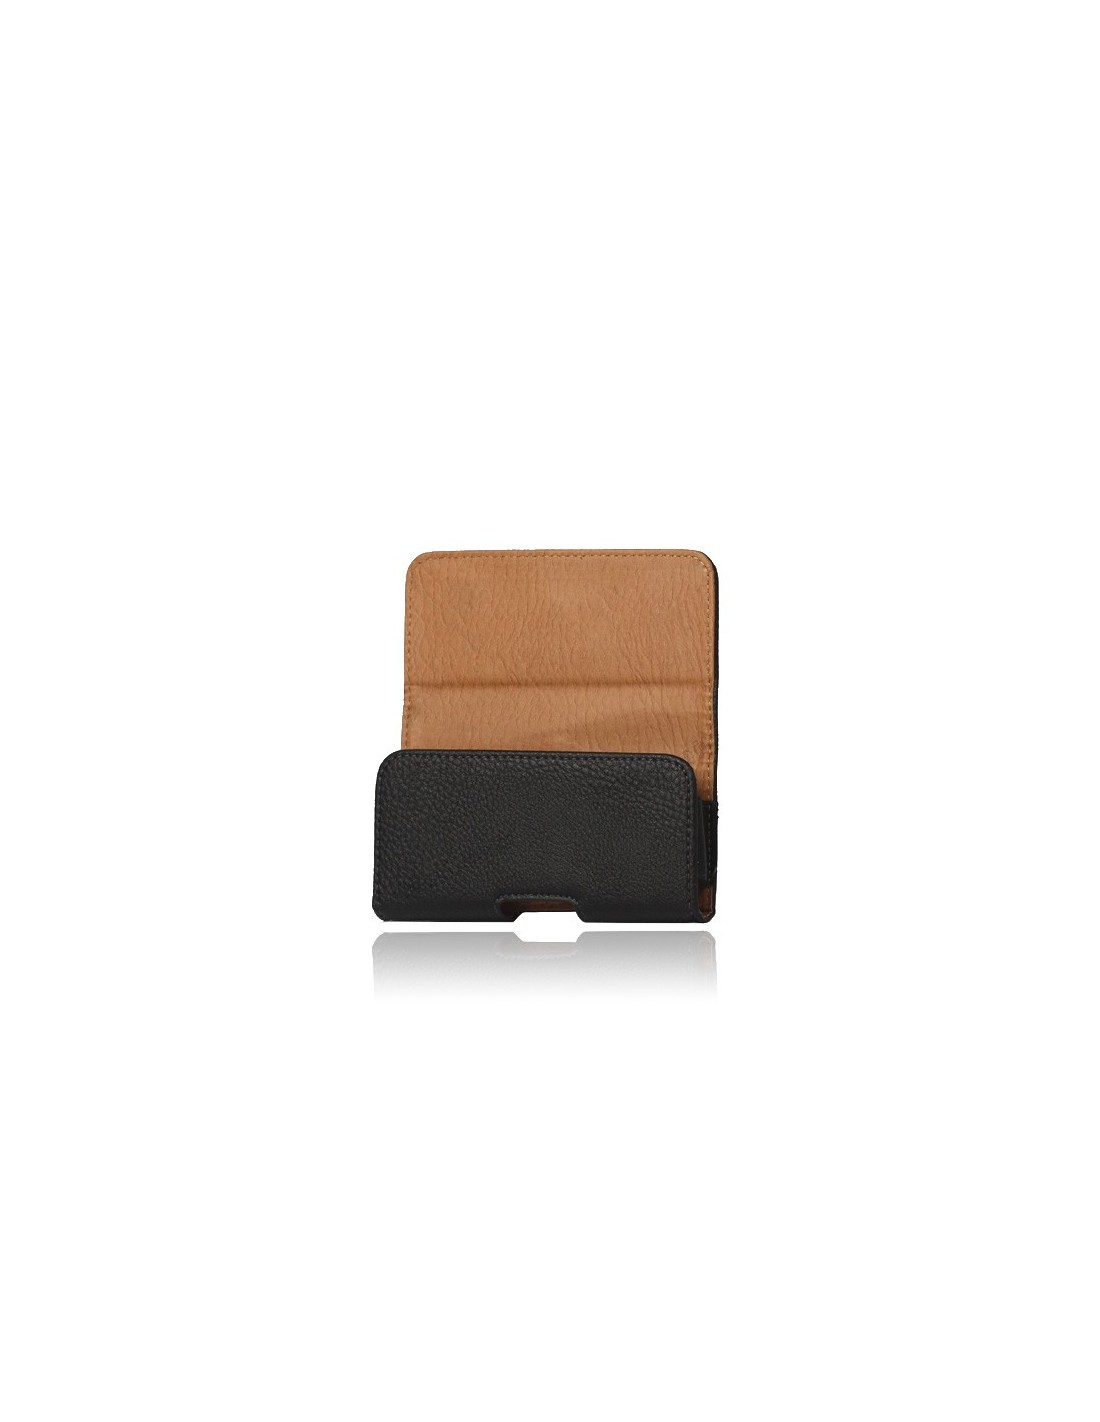 etui ceinture en imitation cuir noir pour iphone 5 5s et se coques. Black Bedroom Furniture Sets. Home Design Ideas